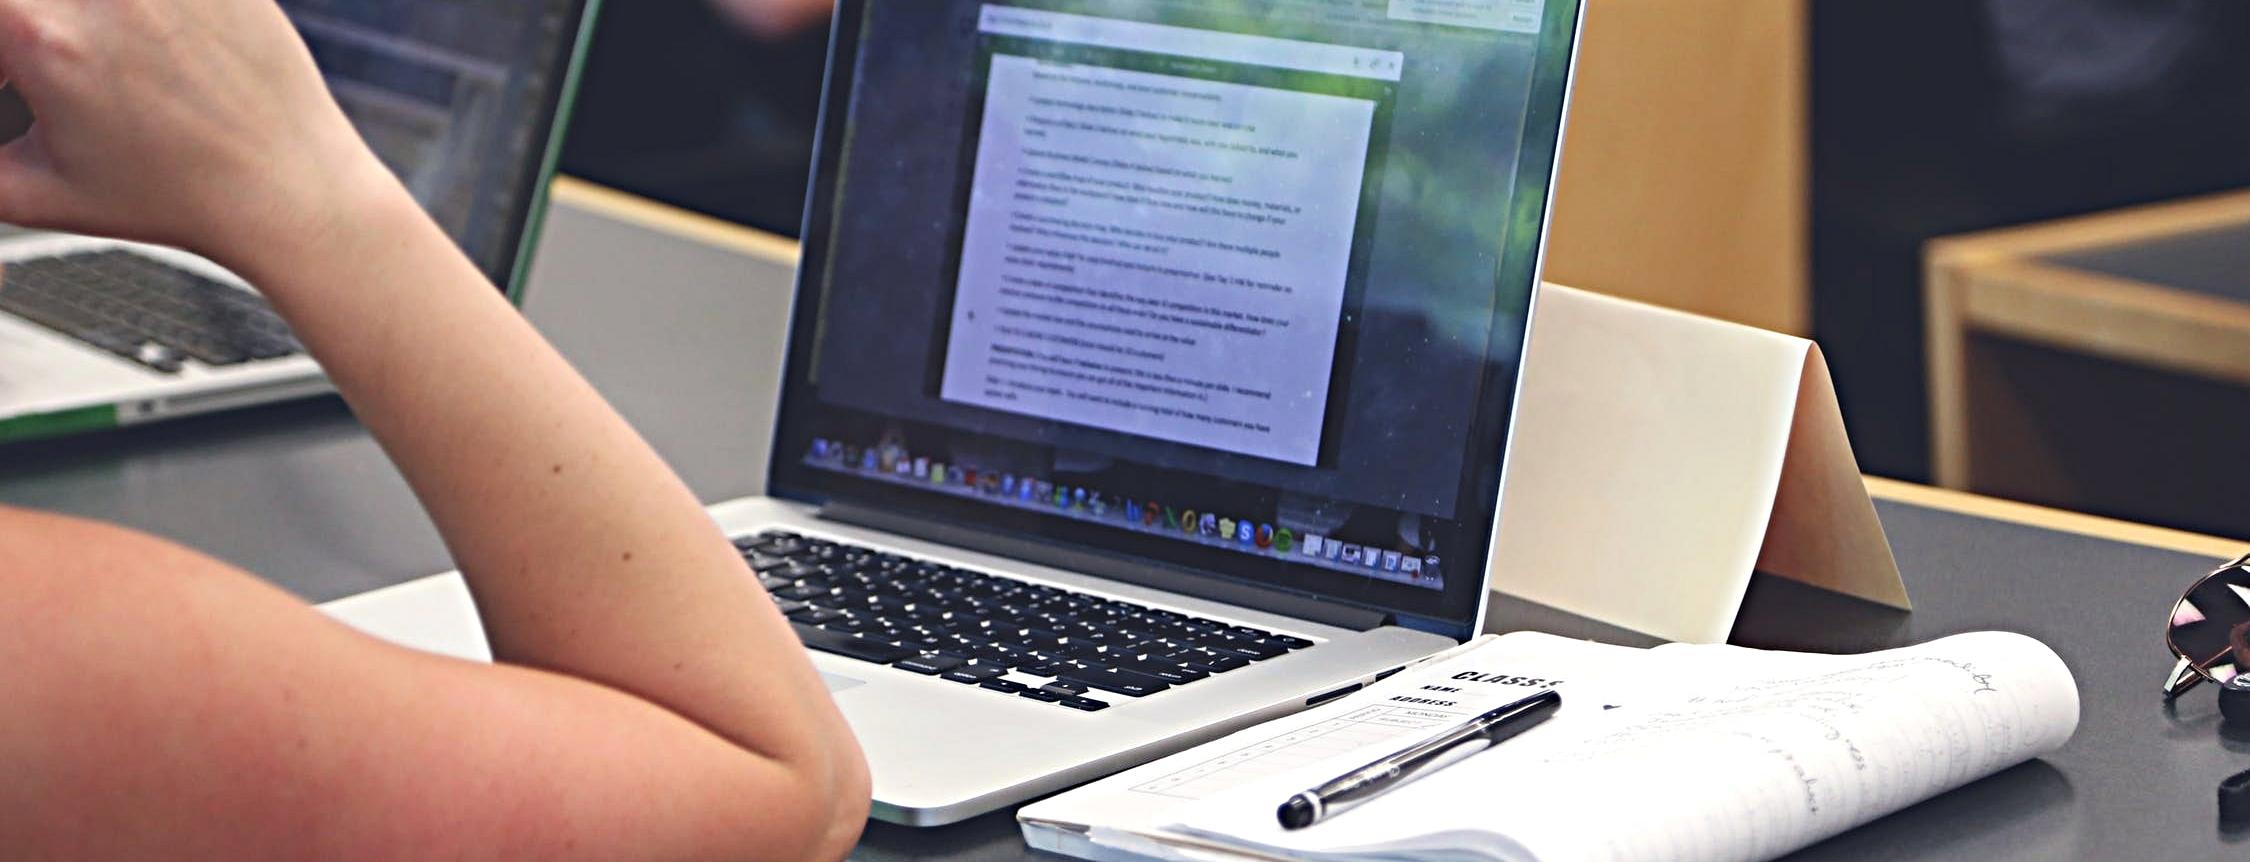 Student Technology Computer.jpg